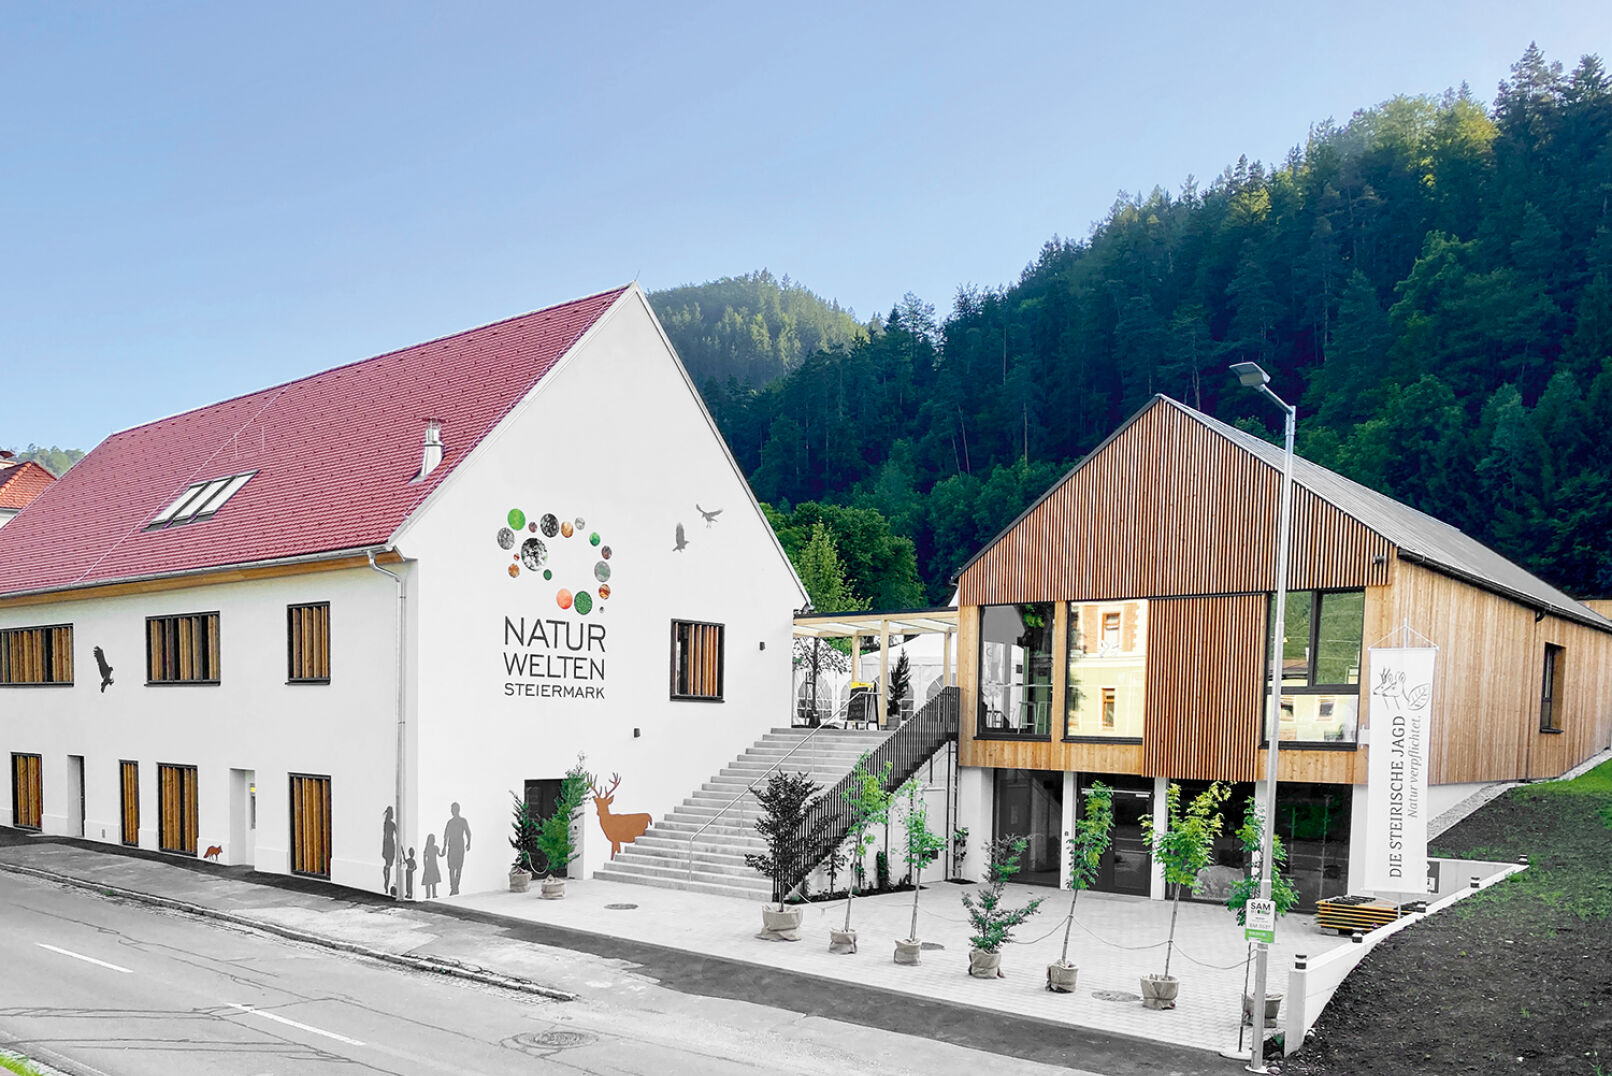 Modern und dennoch mit altem Flair präsentieren sich die Naturwelten Steiermark